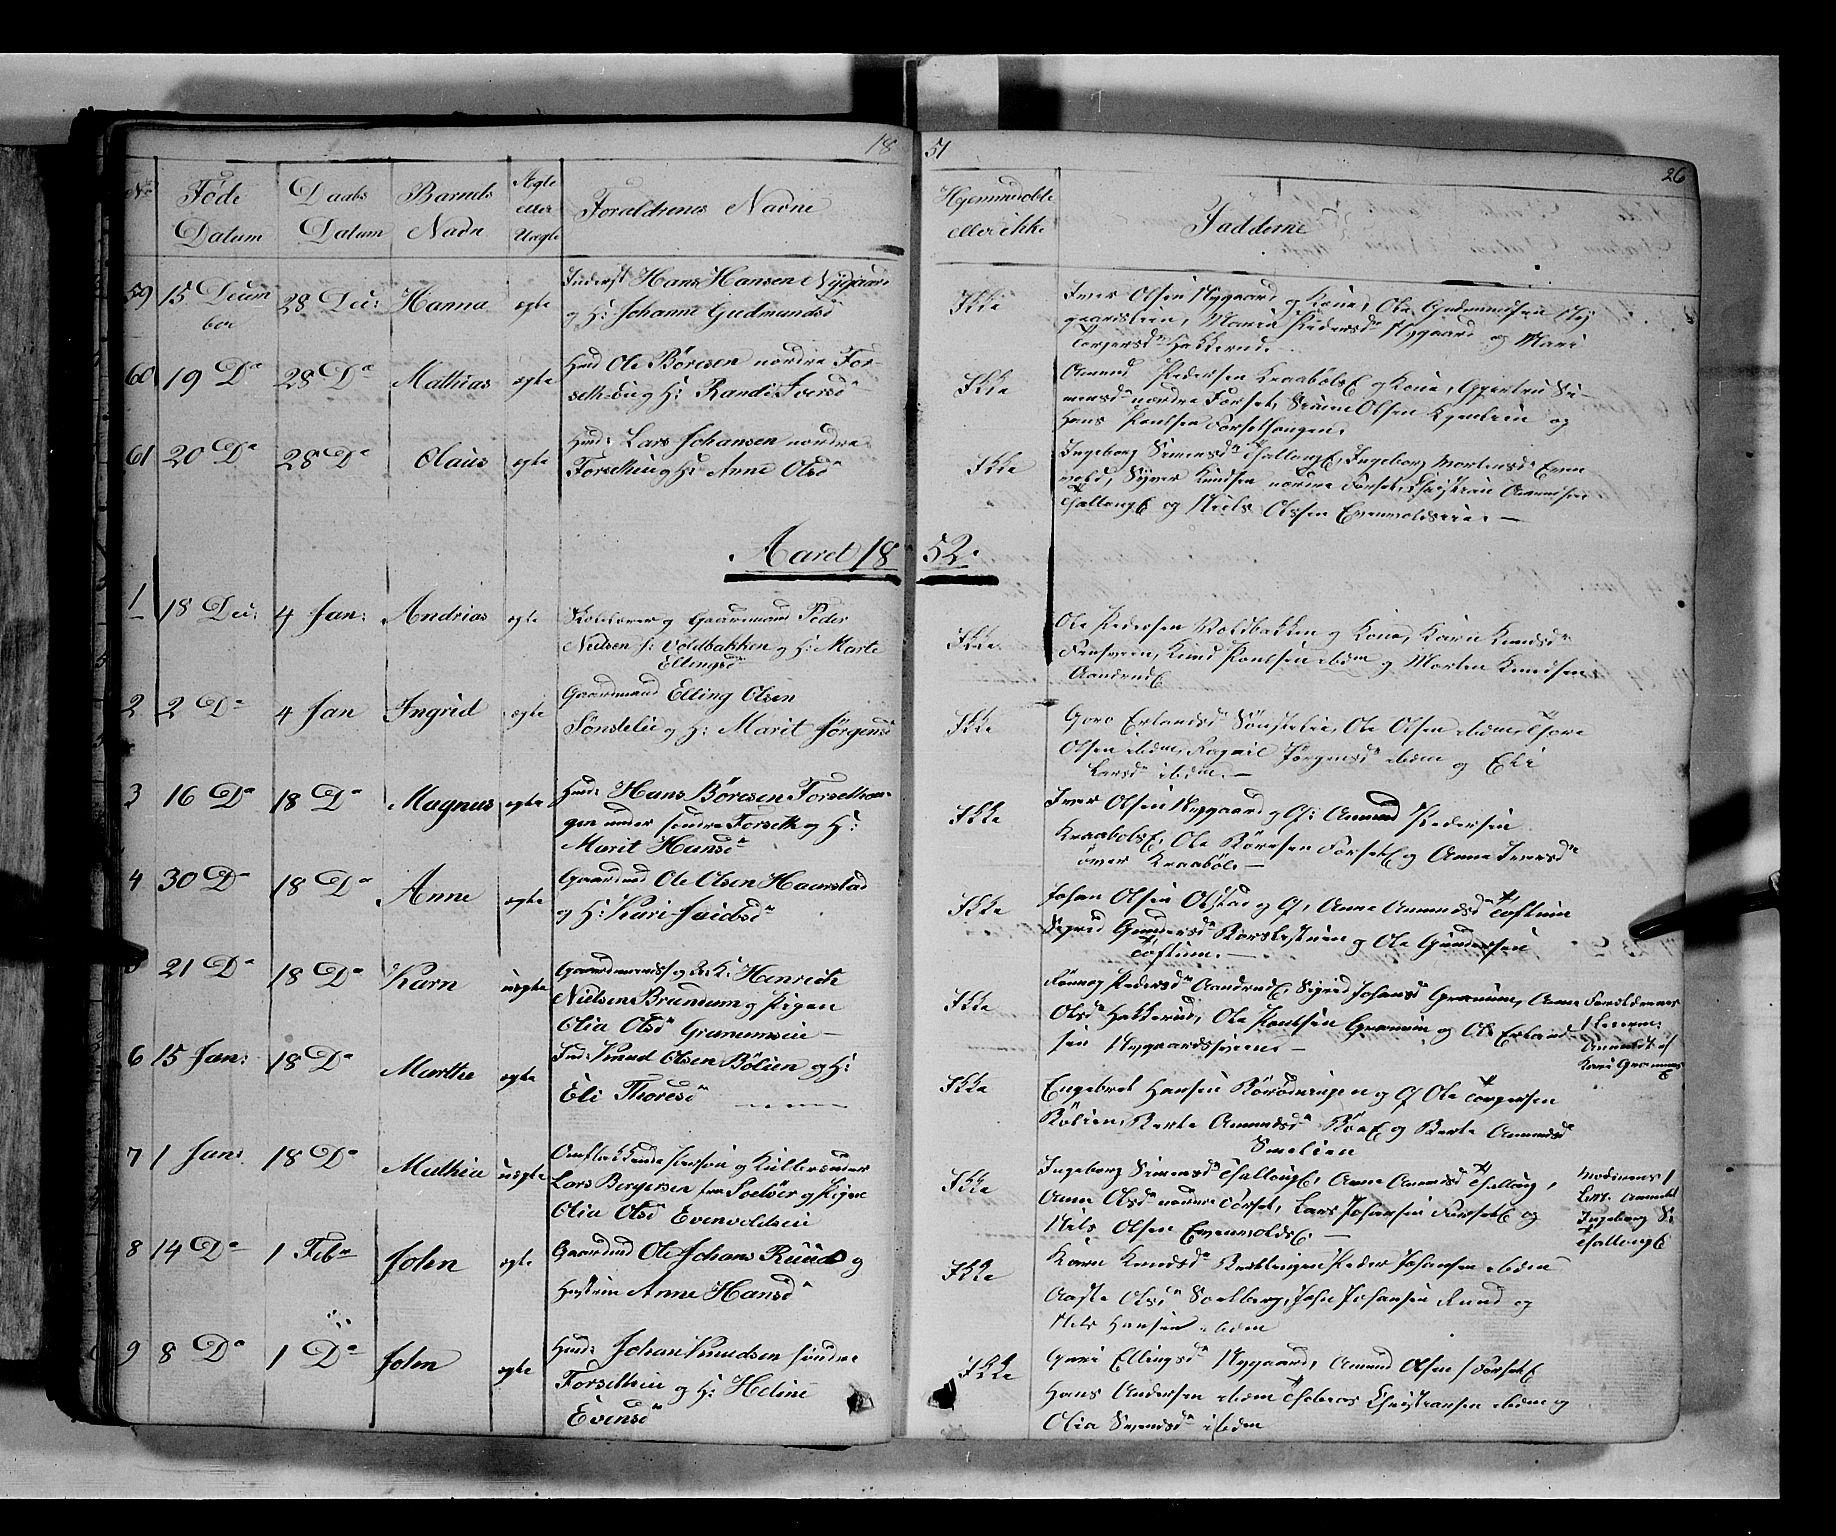 SAH, Gausdal prestekontor, Klokkerbok nr. 5, 1846-1867, s. 26